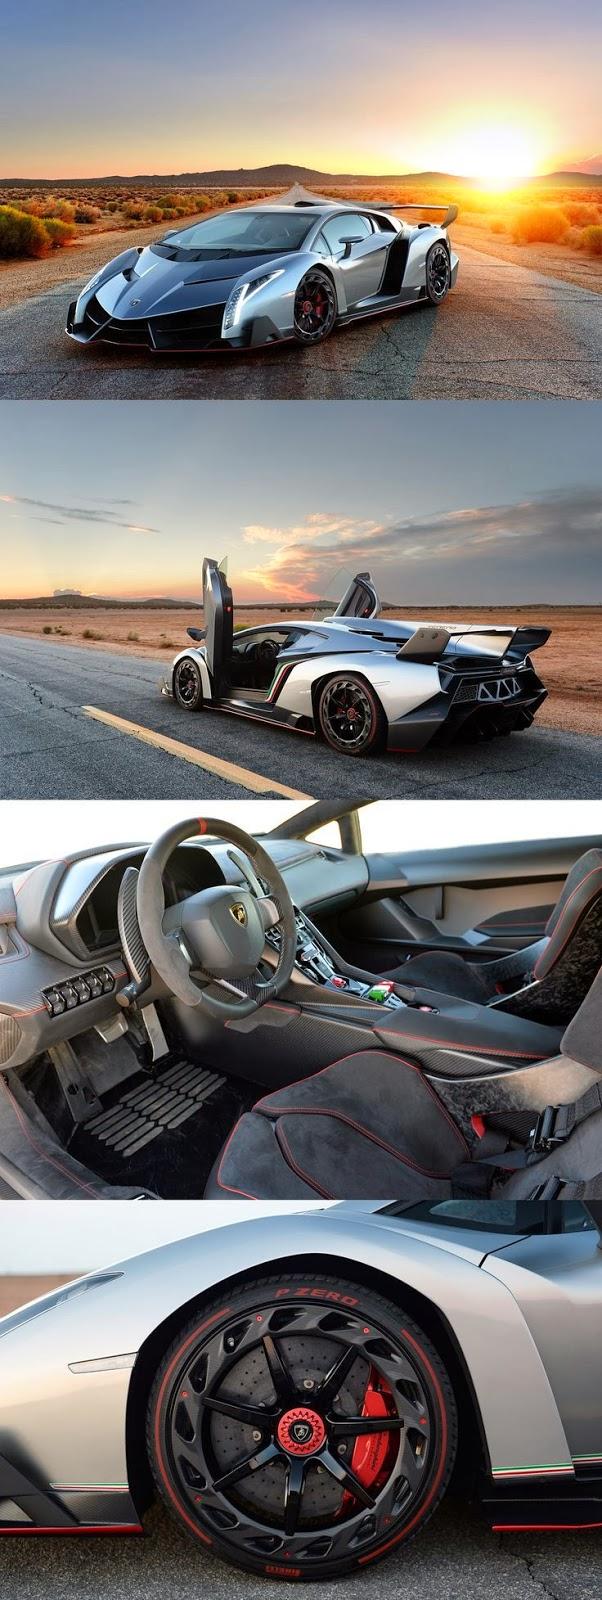 Mobil Lamborghini Veneno